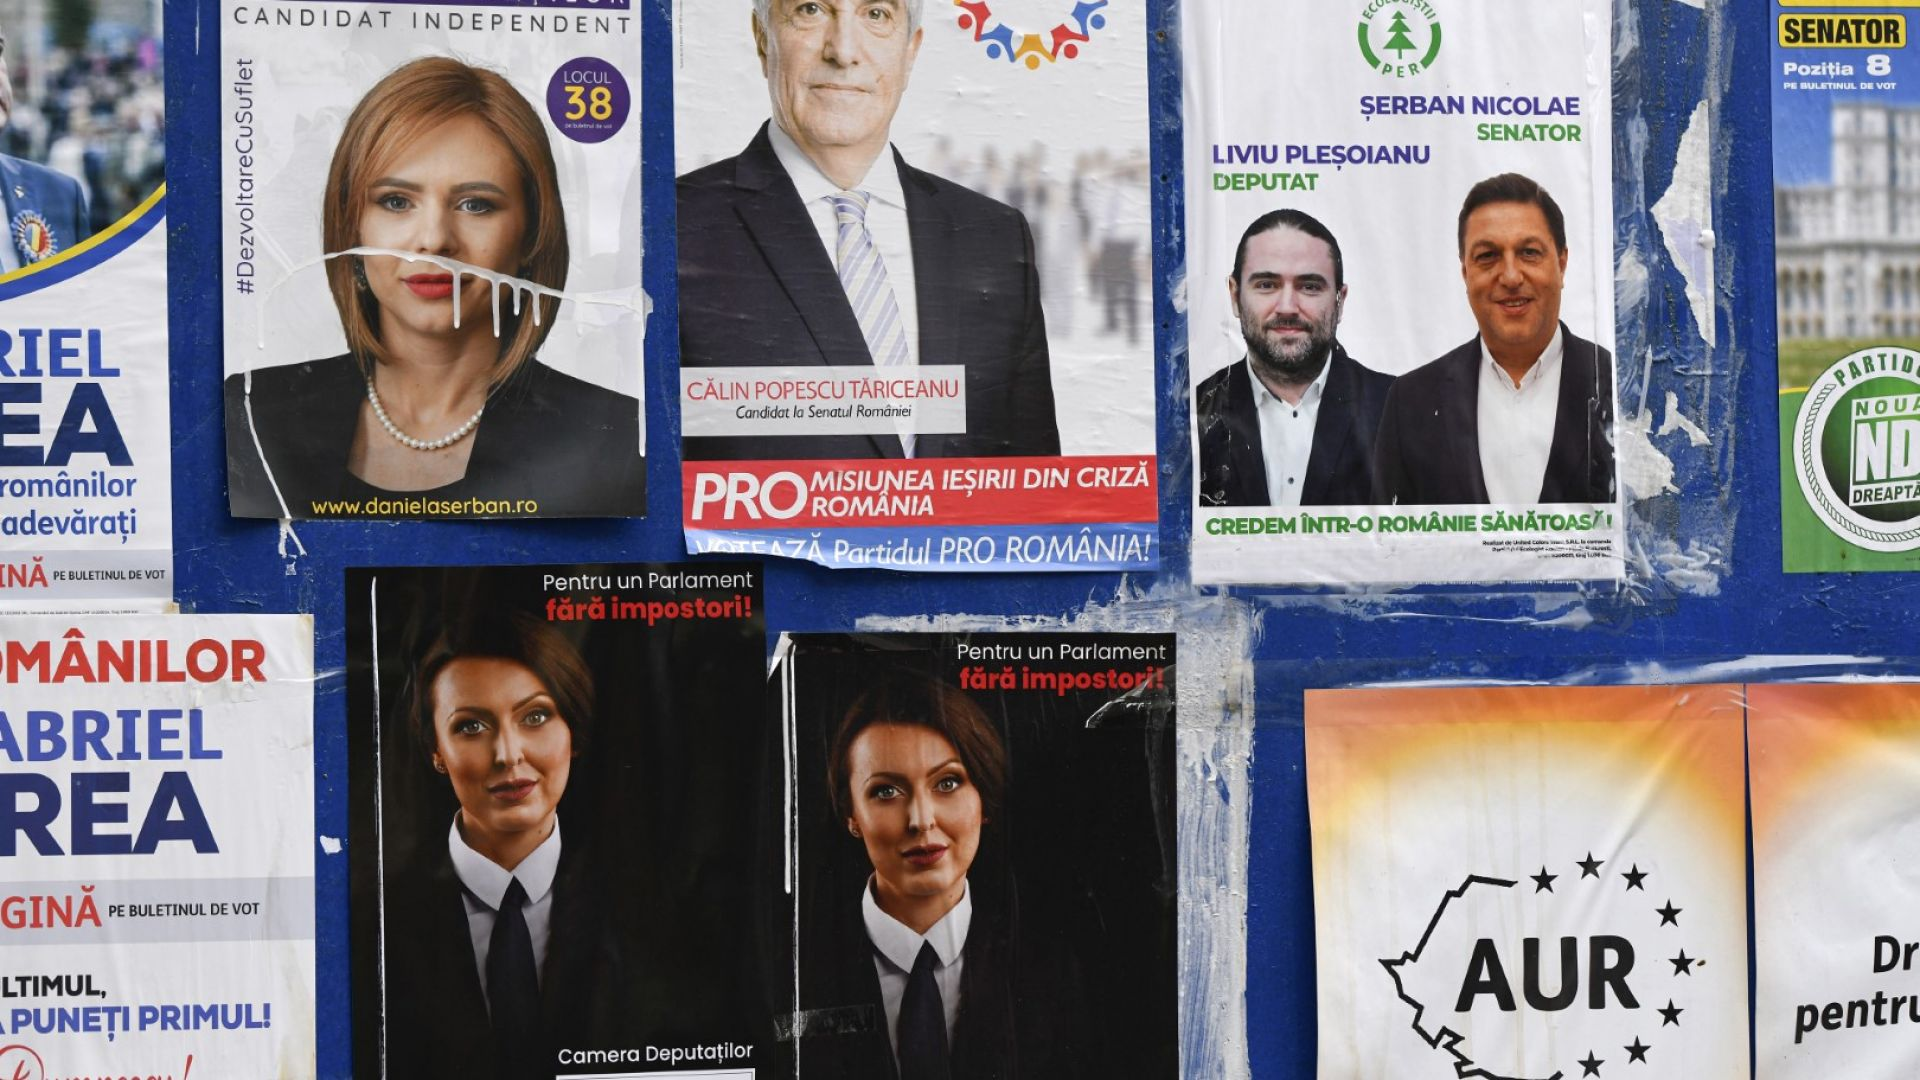 """Изборите в Румъния се очаква да възвестят """"европейско"""" поколение политици"""